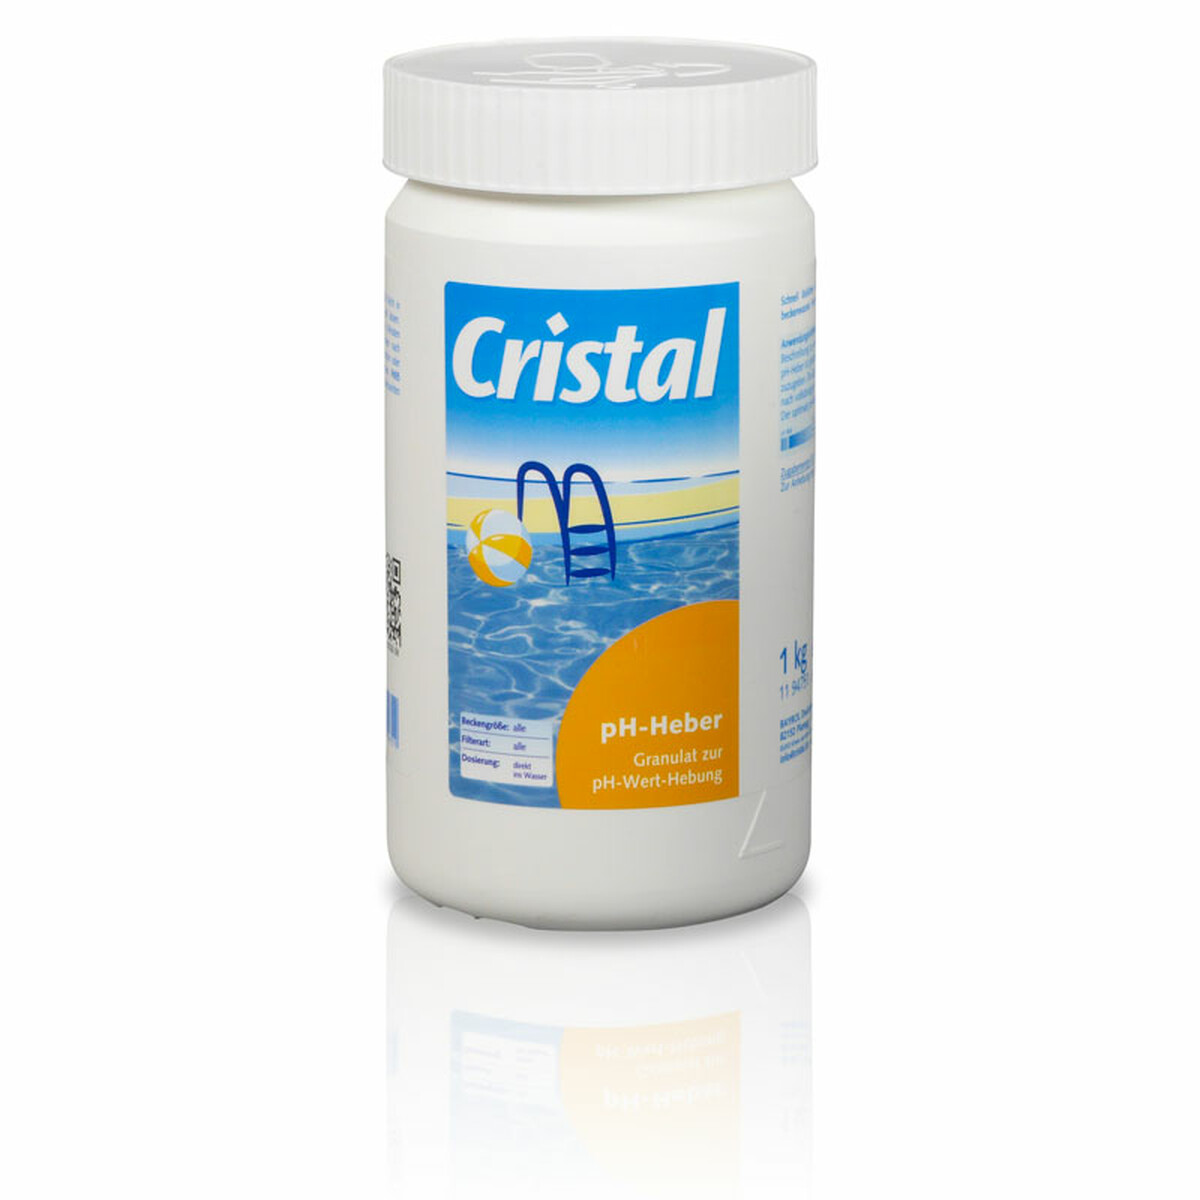 Cristal pH-Heber 1 kg